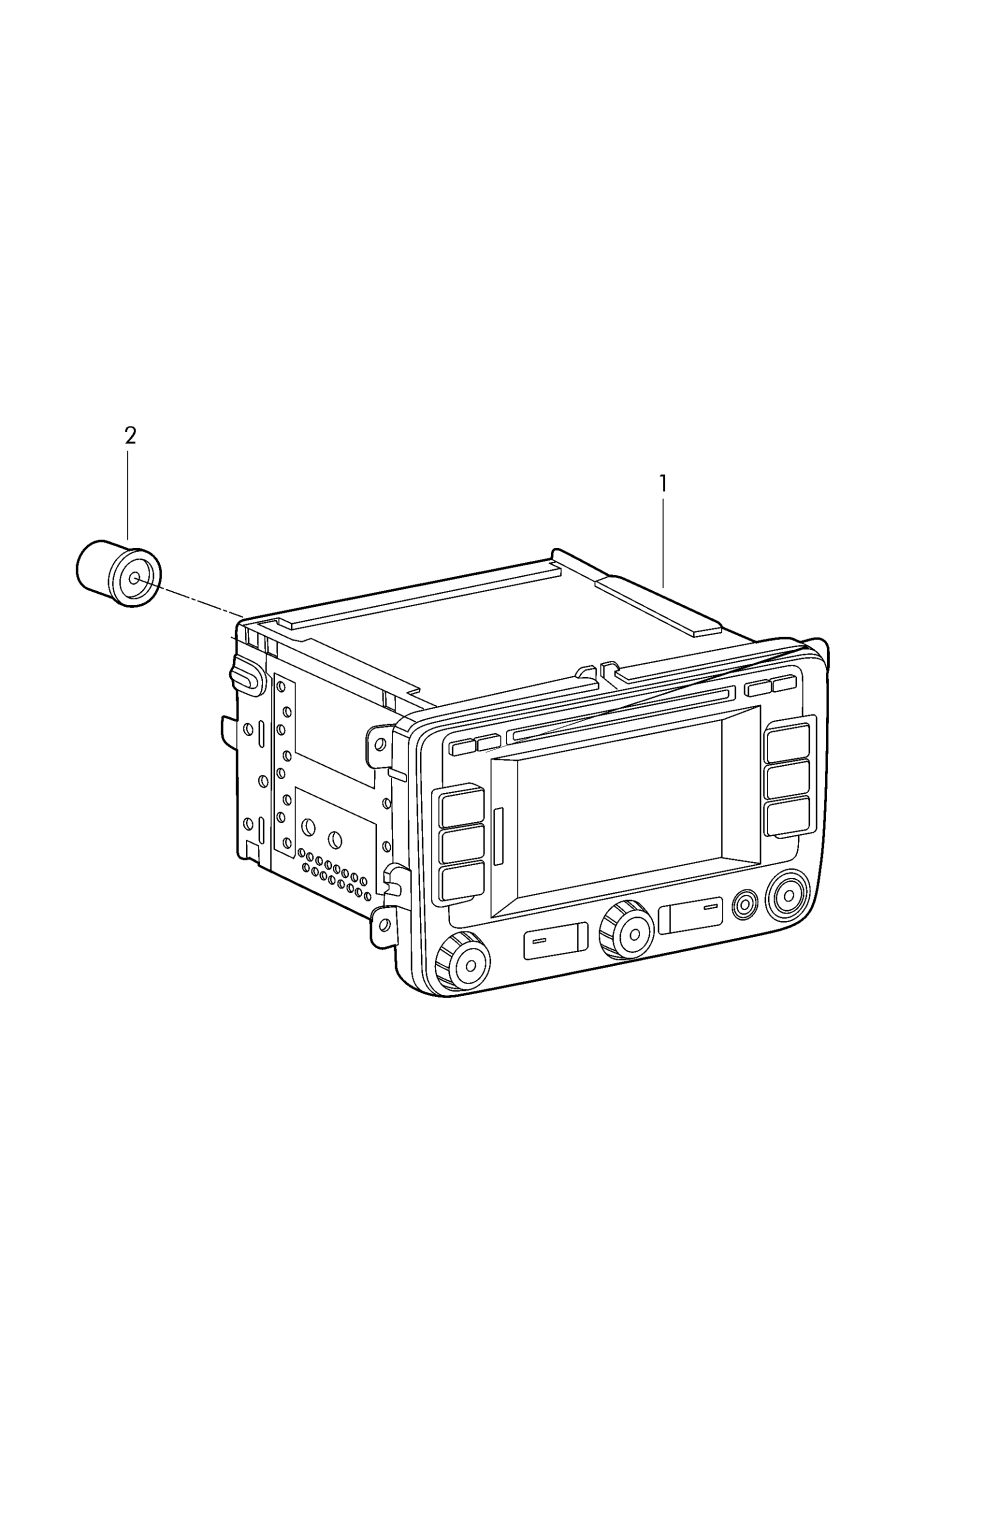 medium resolution of volkswagen fox 2015 2017 vag etka